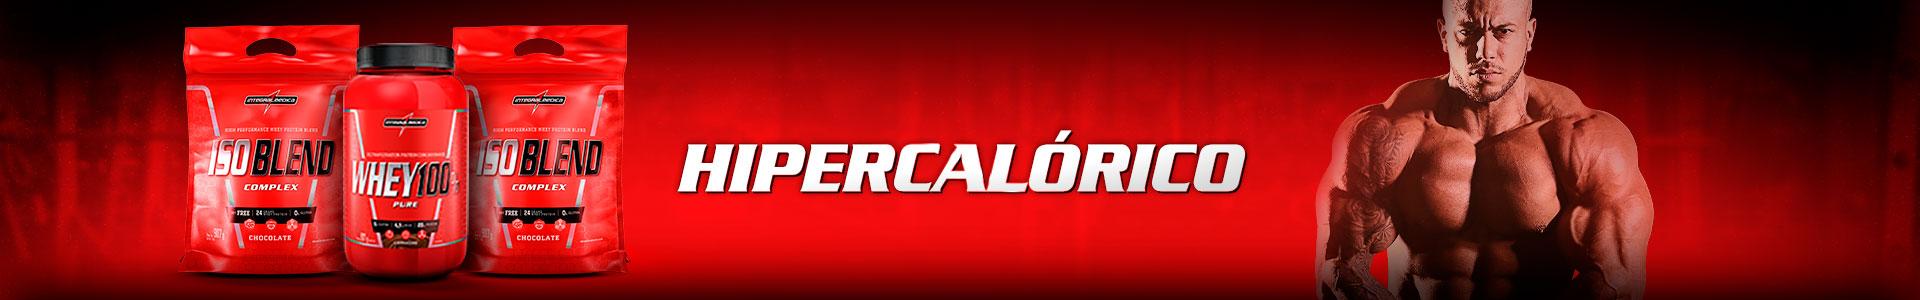 Banner - Hipercalórico - Desktop